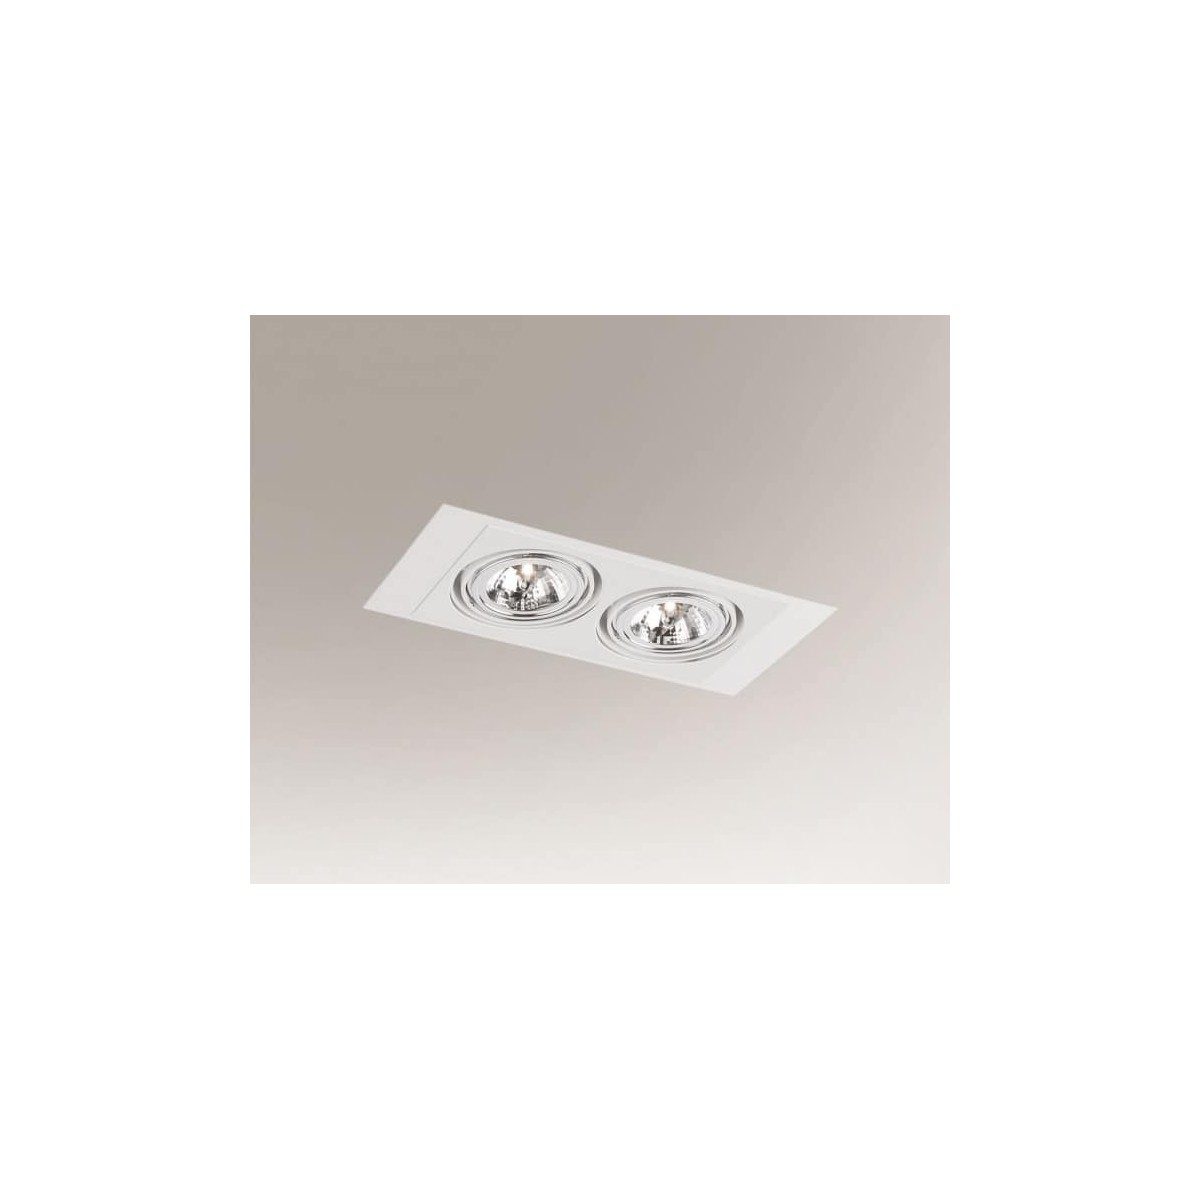 Shilo MUKO H 2xES111 230V biały wpuszczana 7355